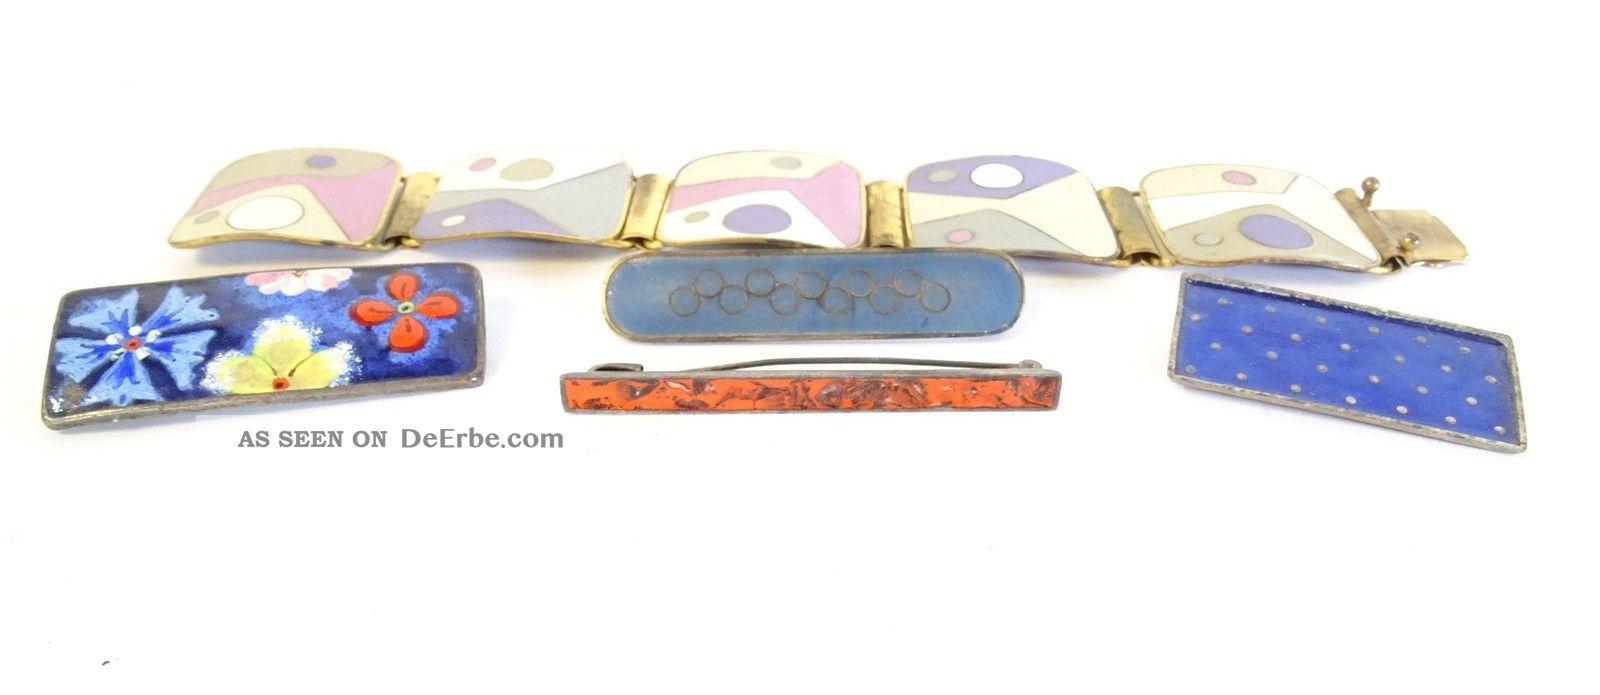 Konvolut Emaille Antikschmuck Armband Und Broschen 70er Jahre Handarbeit Schmuck Schmuck nach Epochen Bild